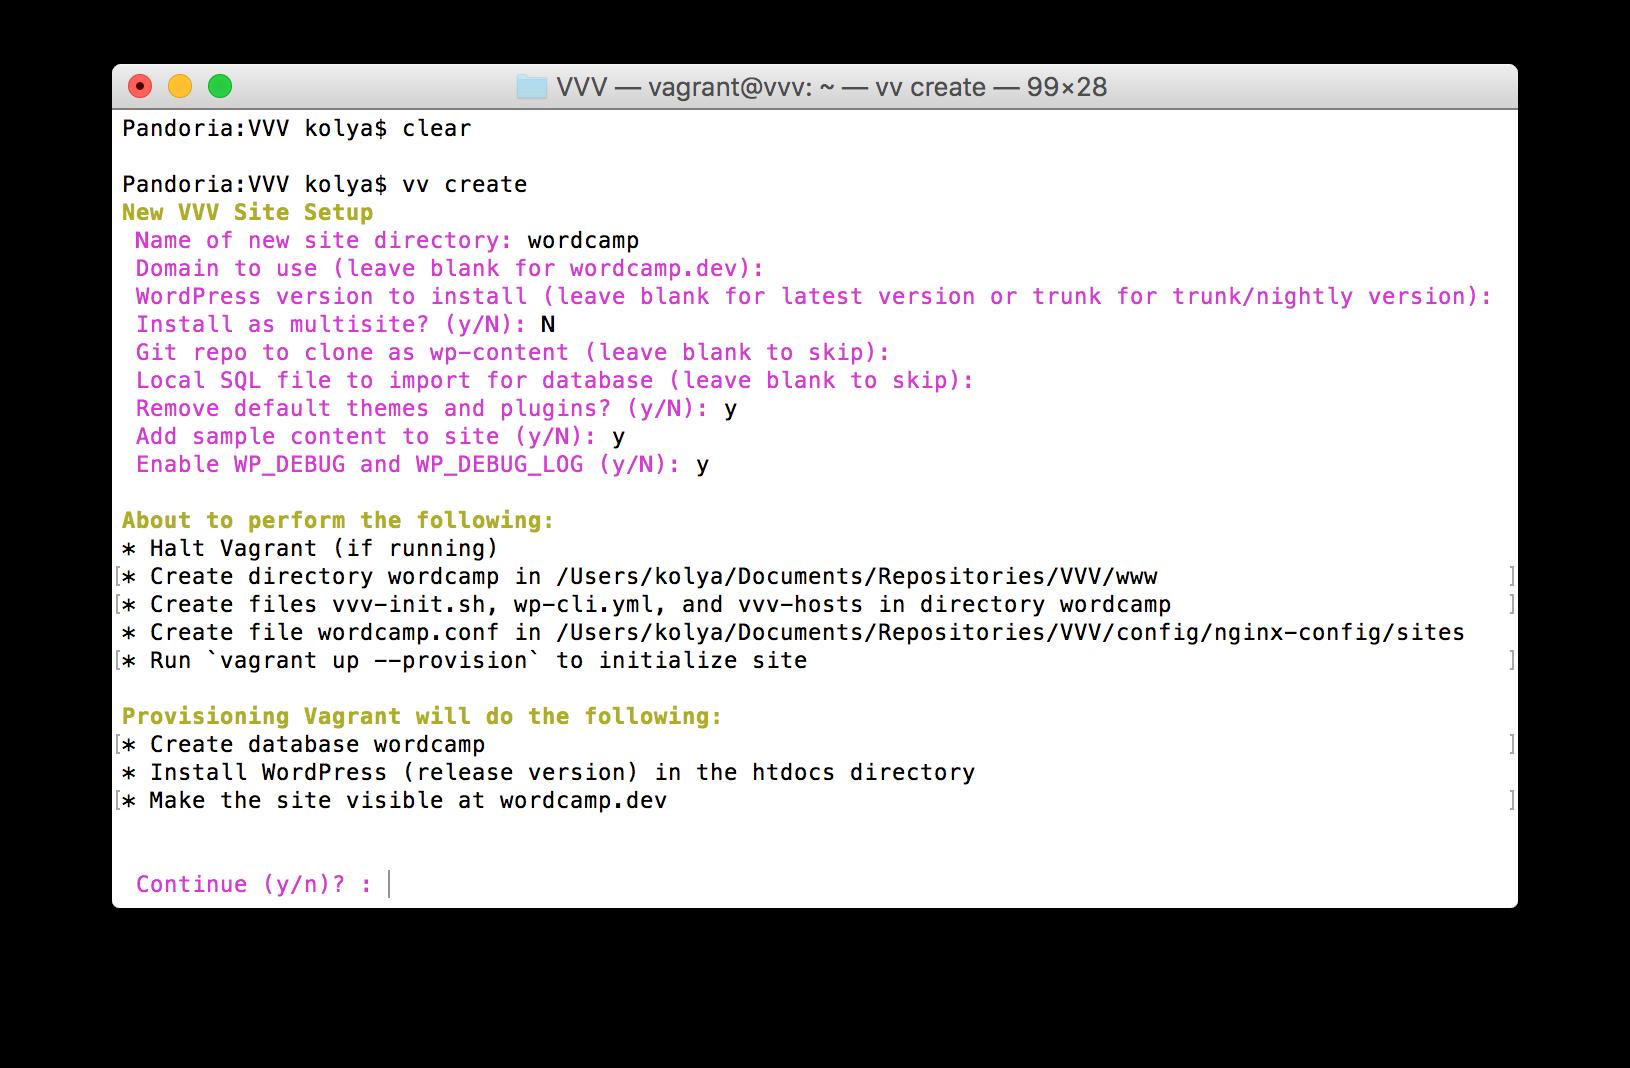 Создание нового сайта с помощью утилиты VV